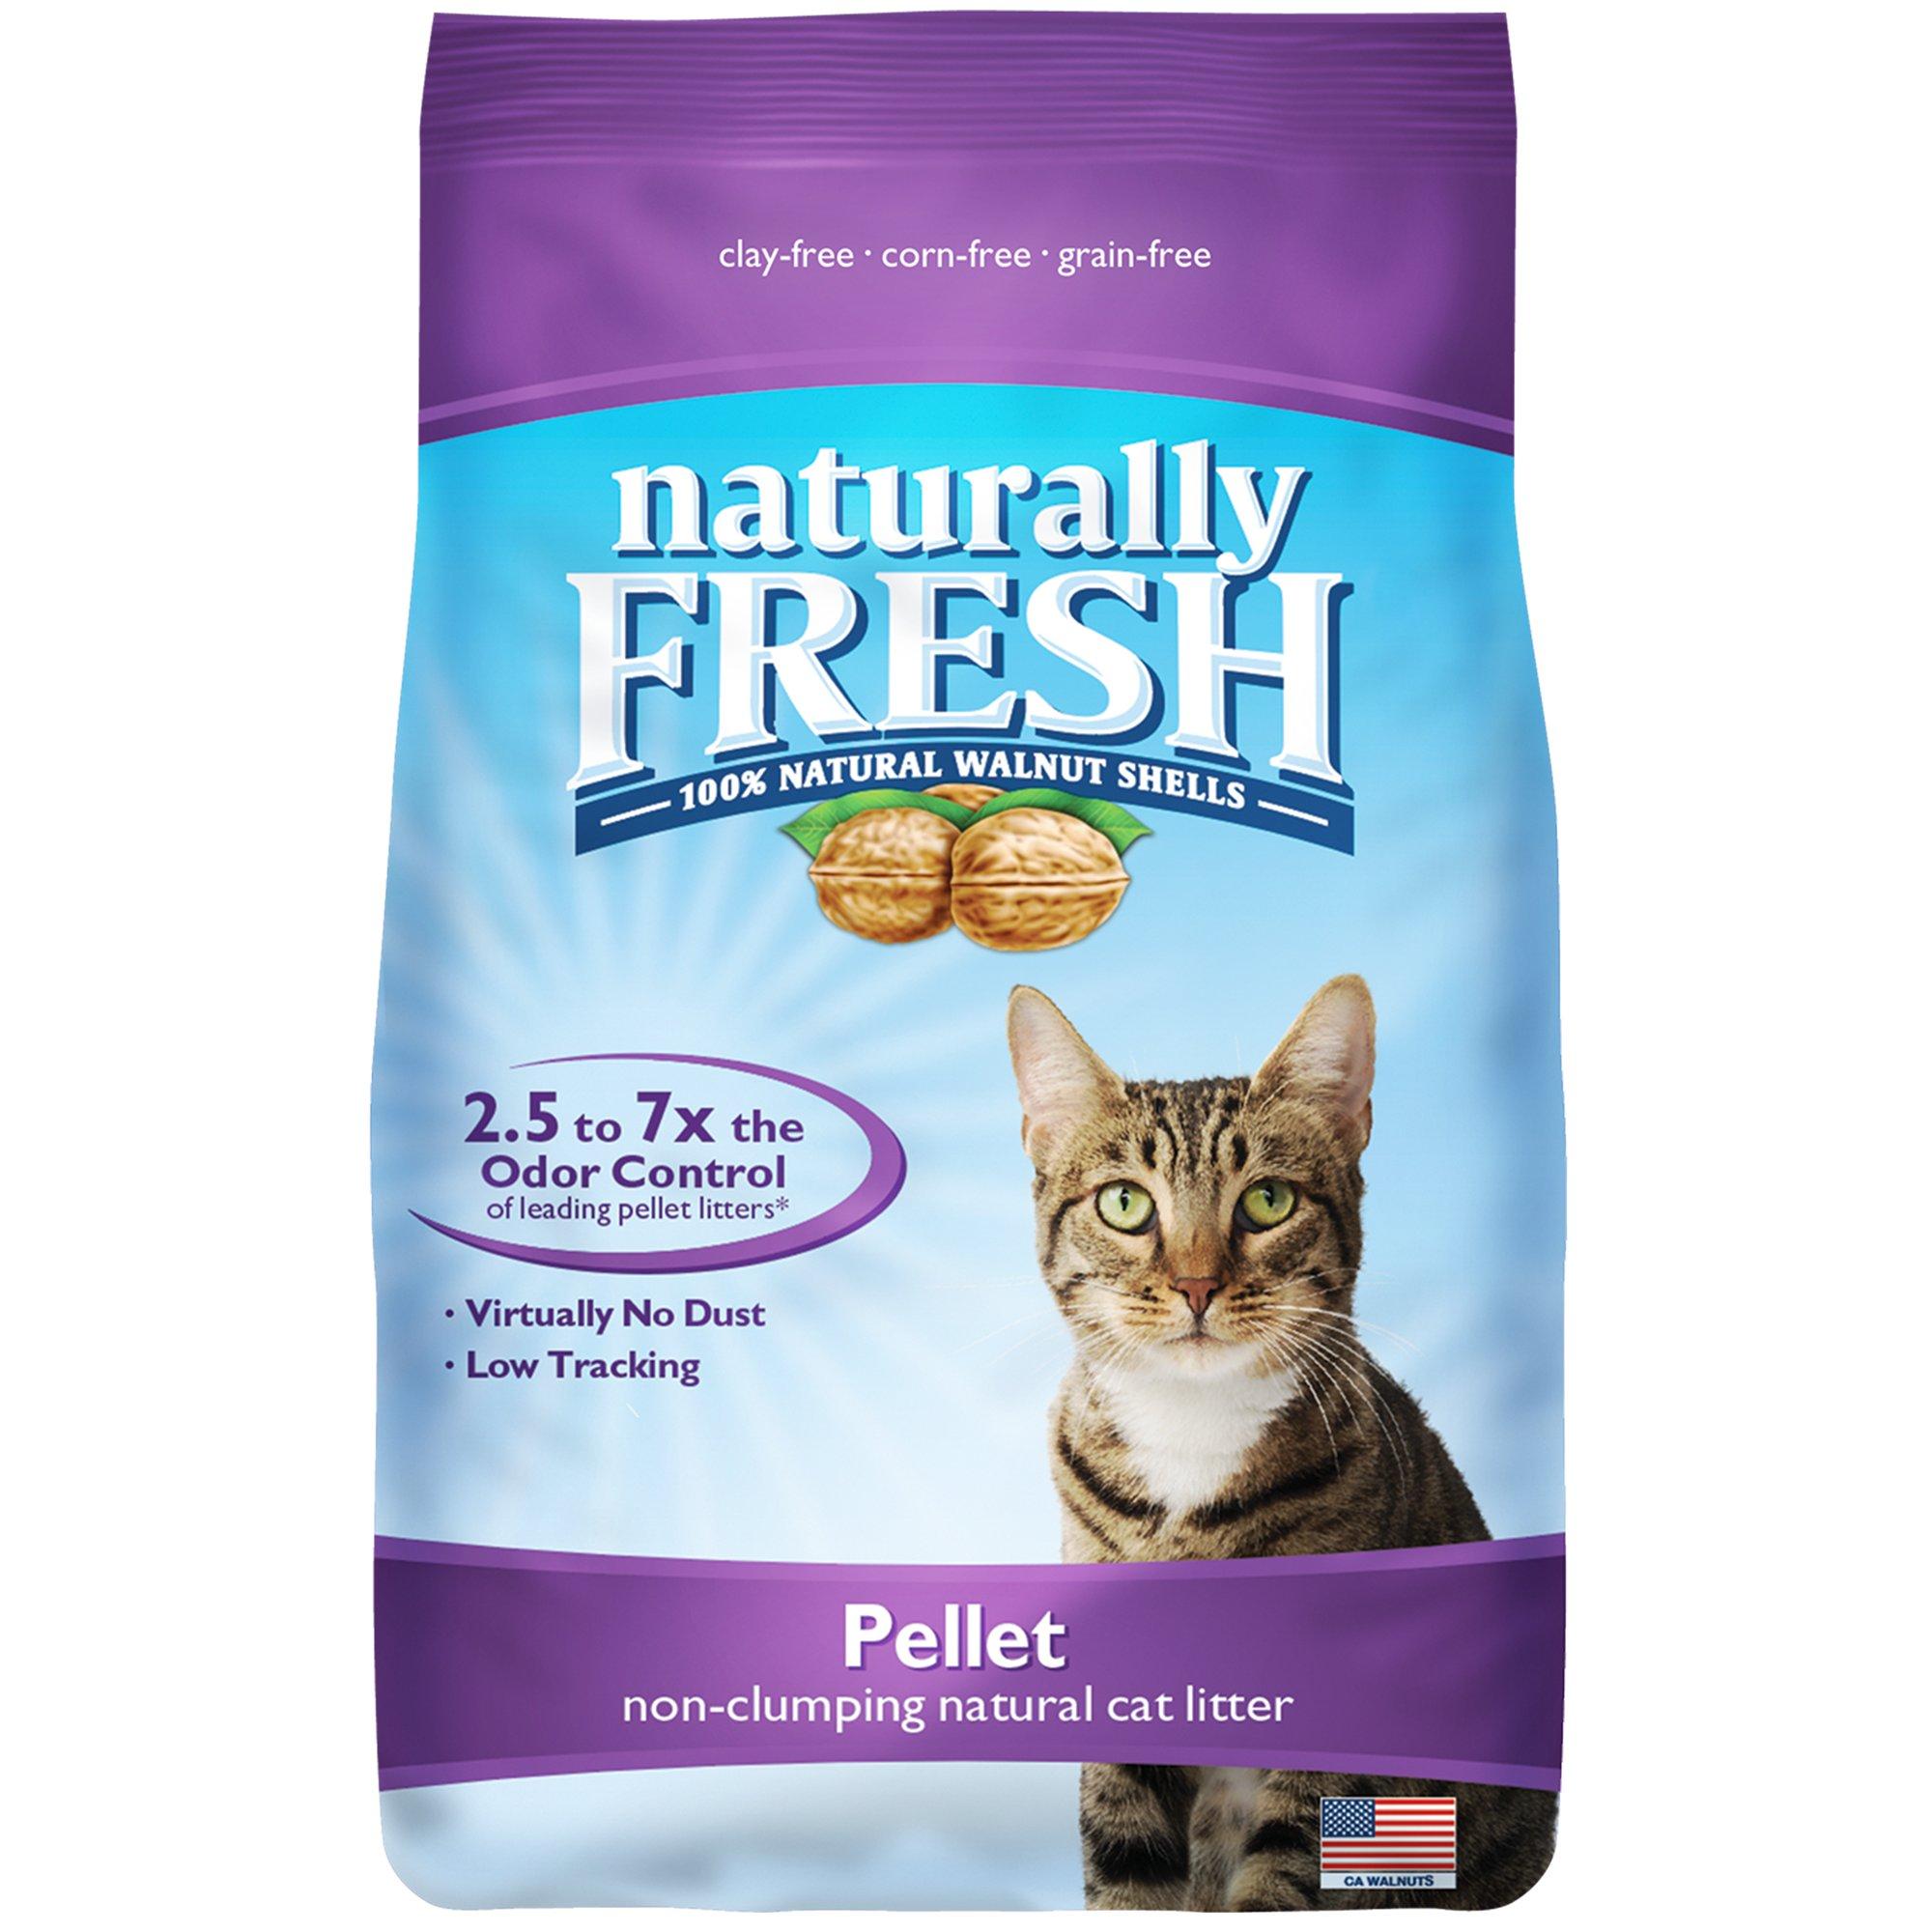 Blue Naturally Fresh Pellet Non-Clumping Cat Litter